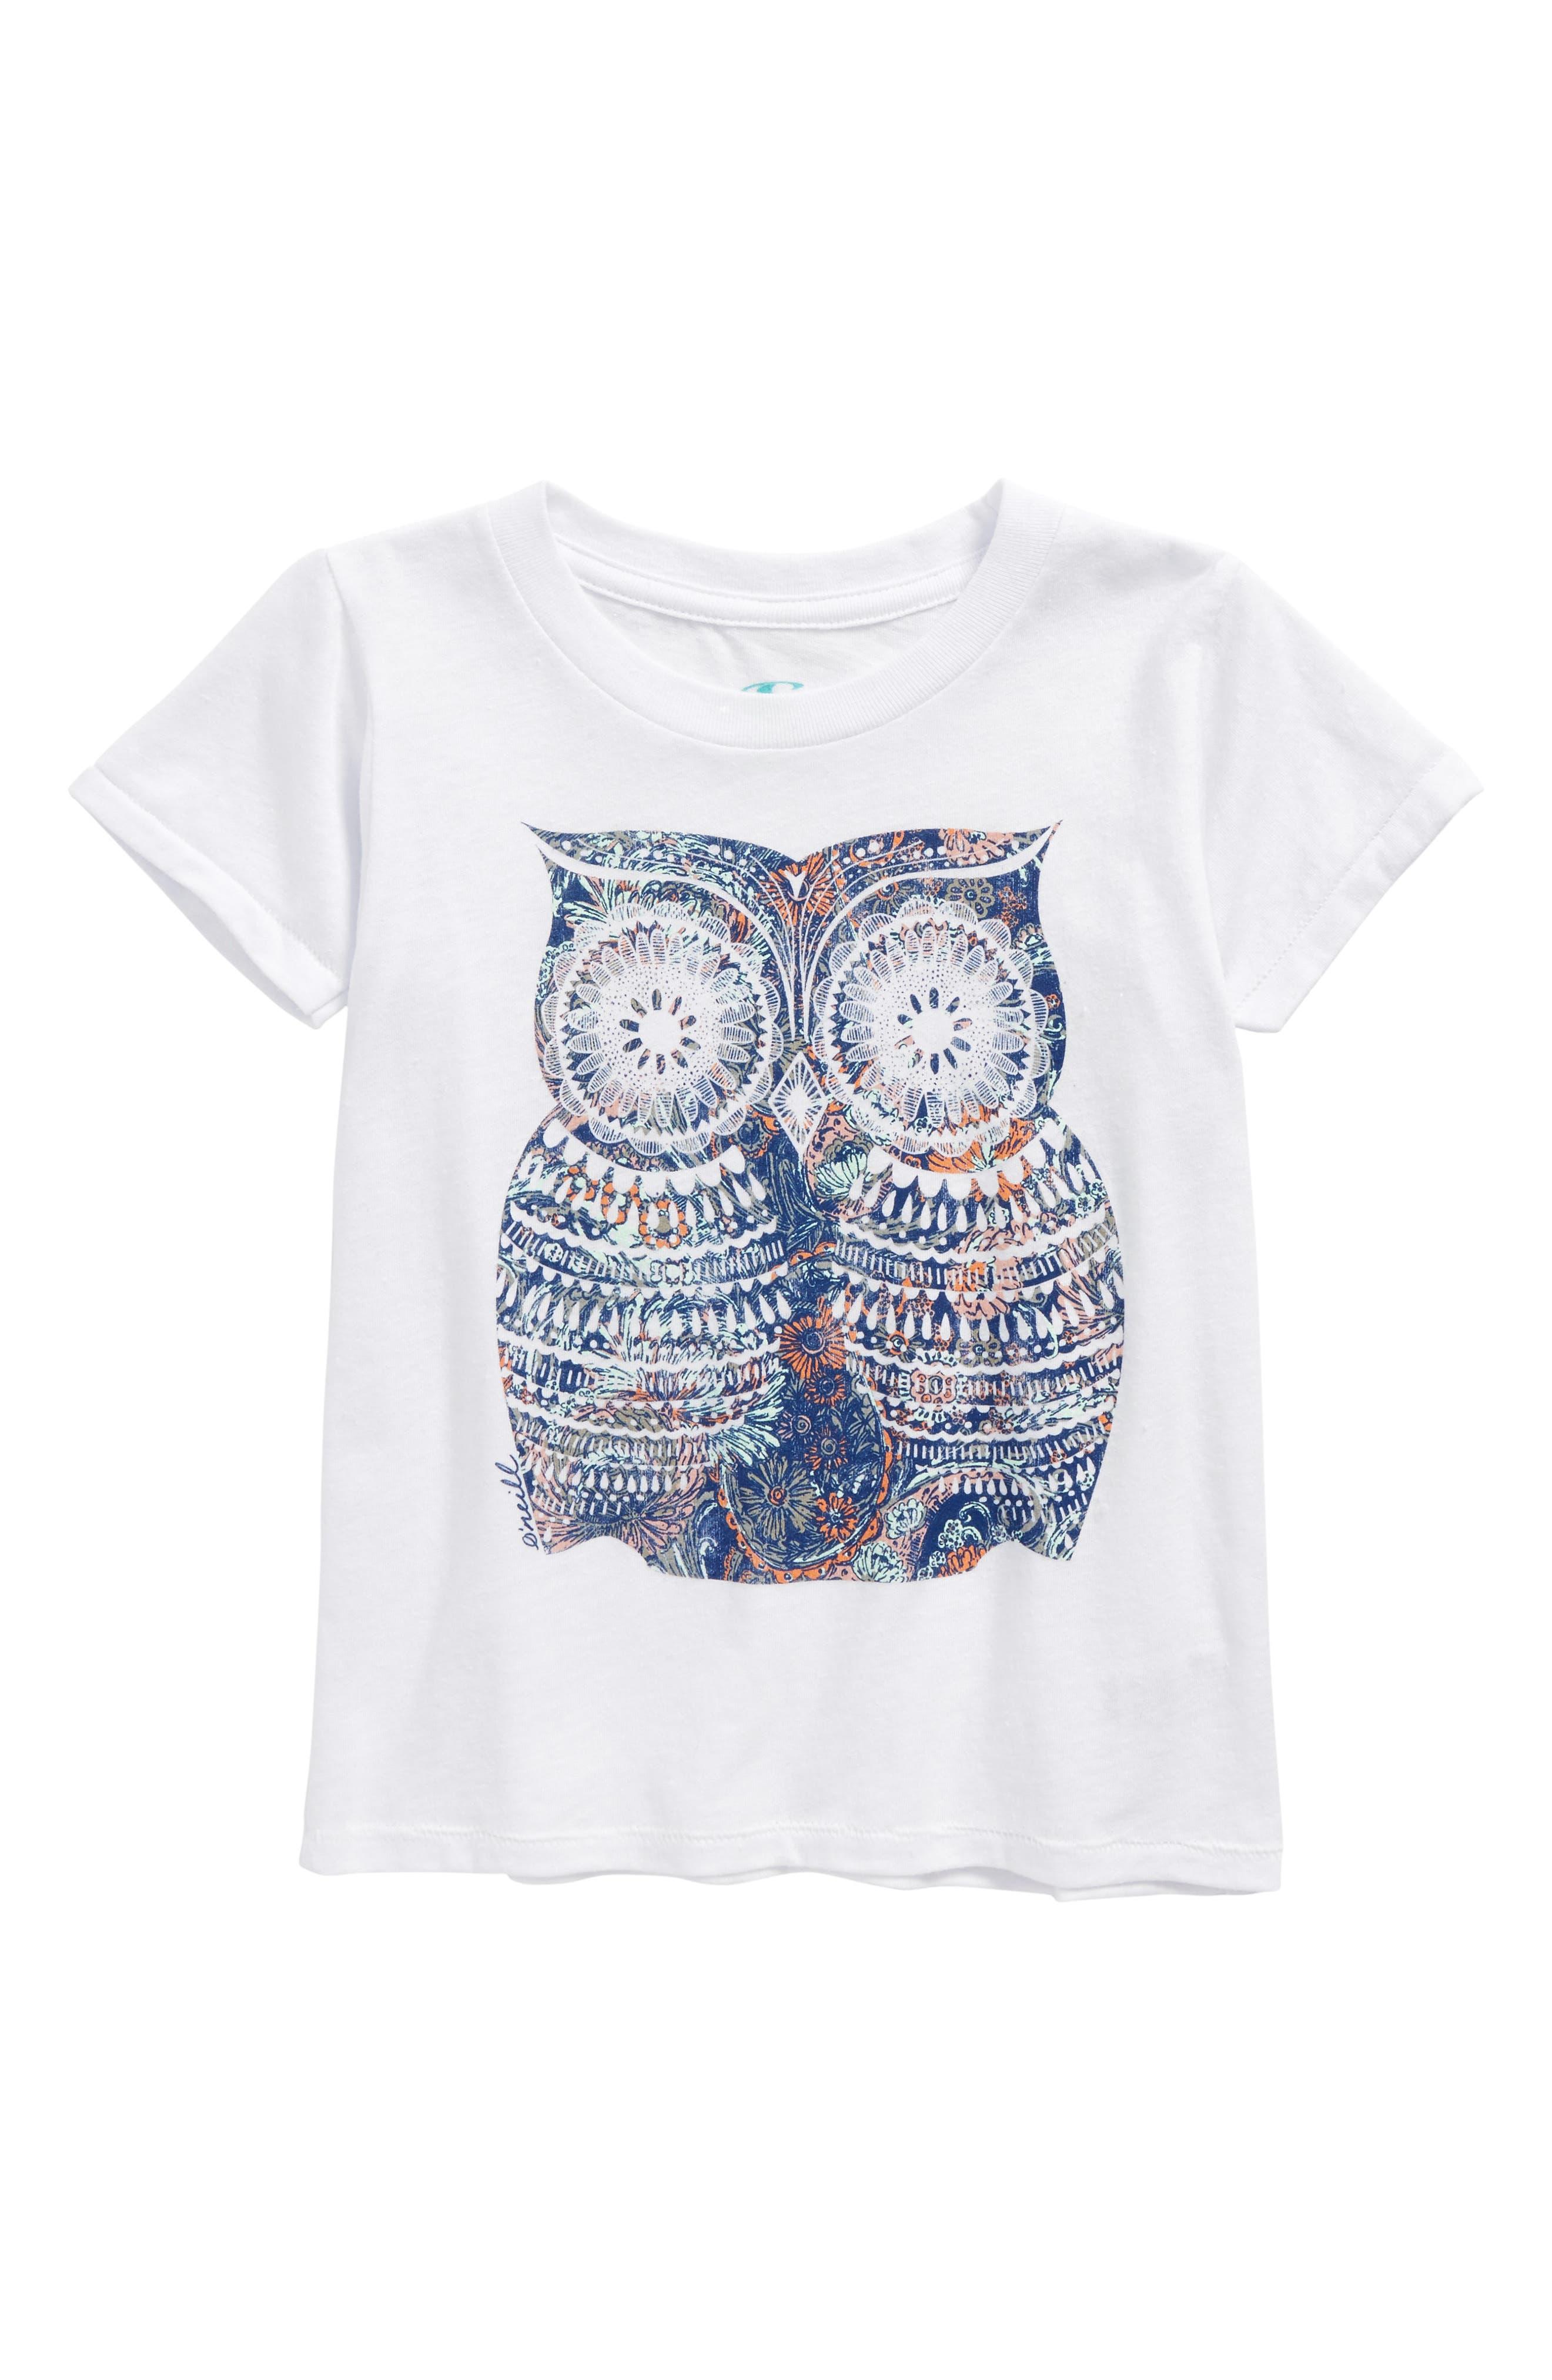 O'Neill Night Bird Graphic Tee (Toddler Girls & Little Girls)